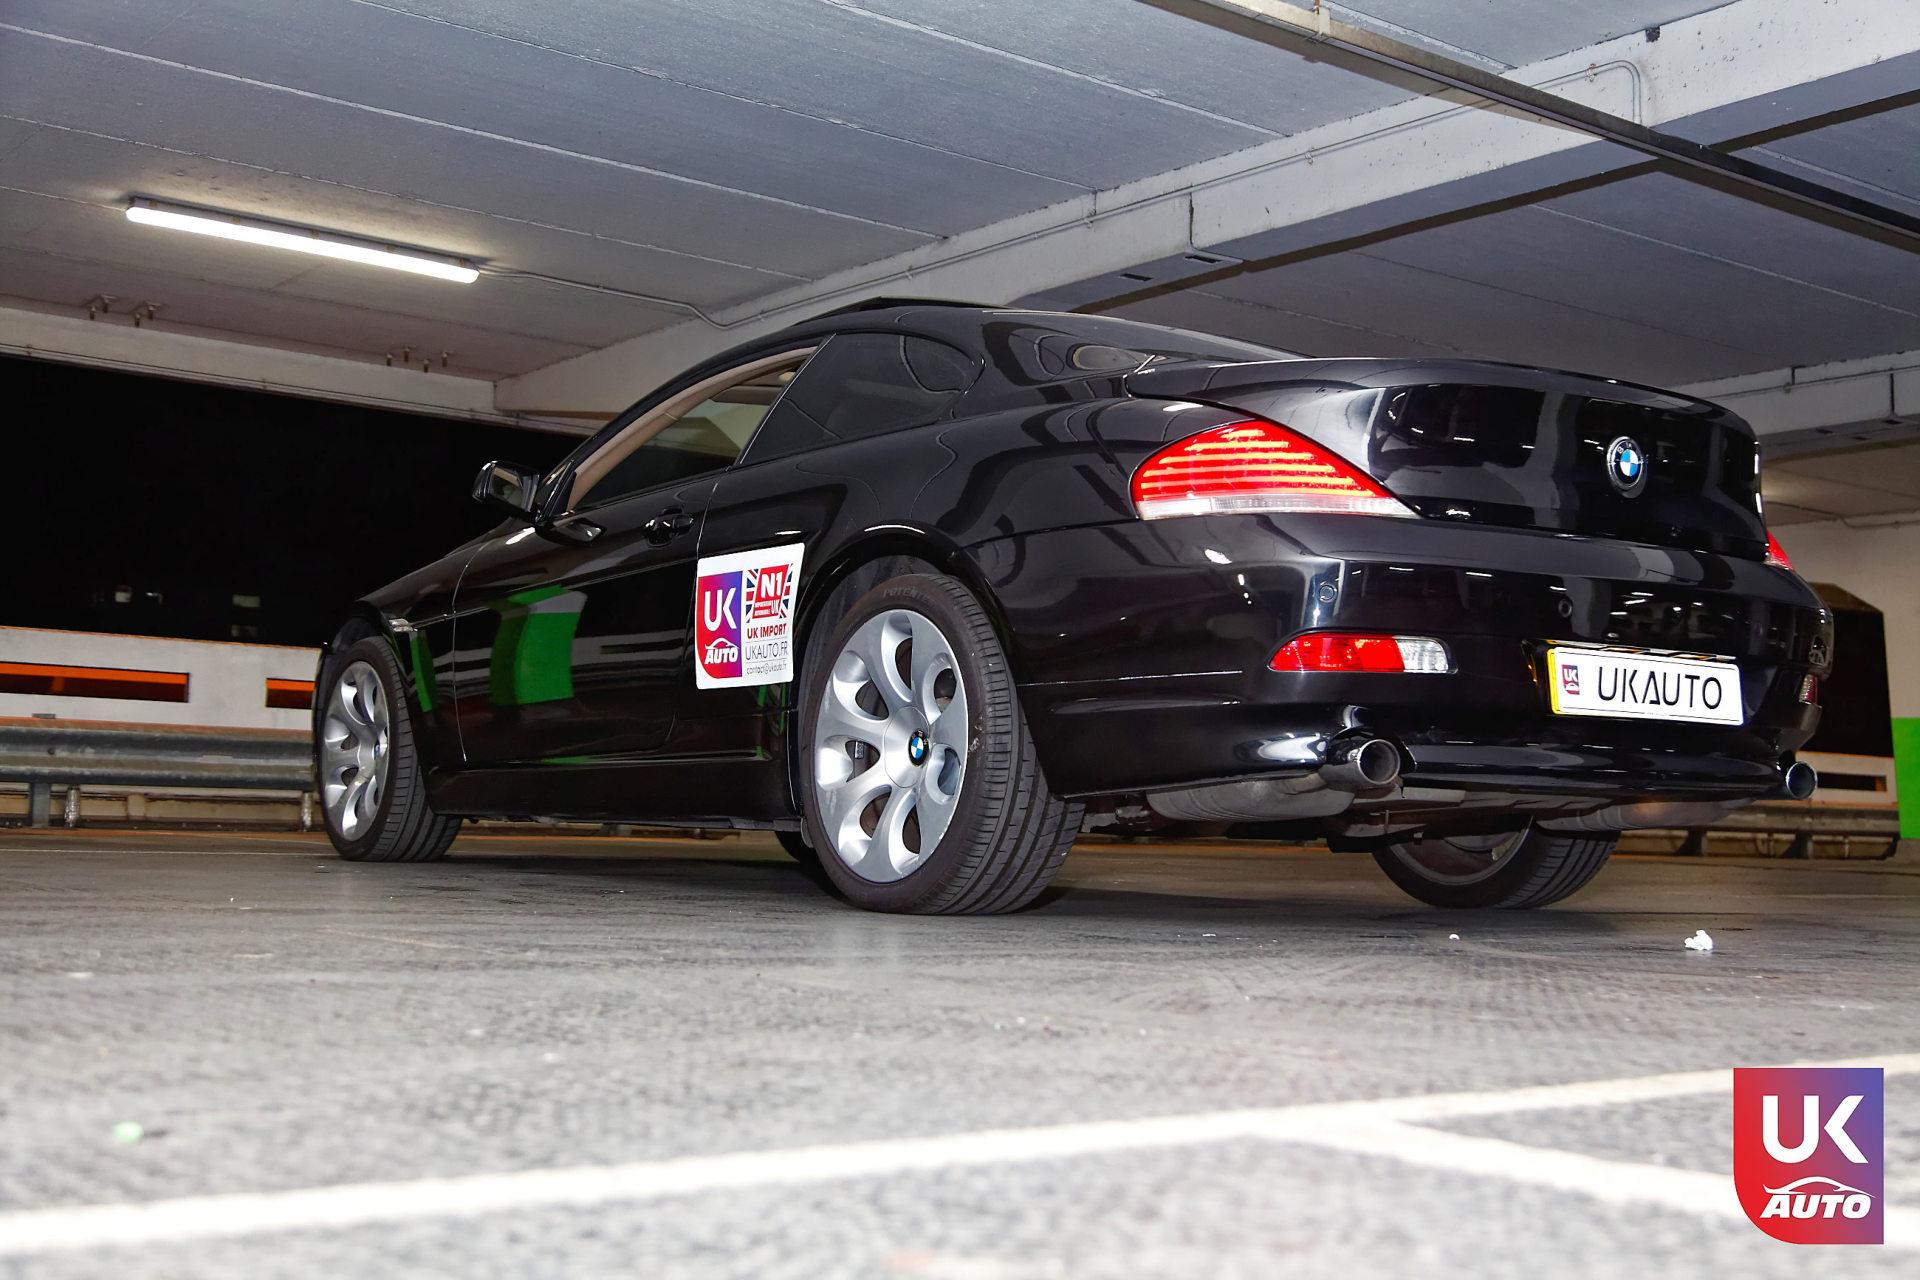 Bmw 645ci v8 import rhd bmw uk import rhd angleterre voiture anglaise bmw 645ci v810 DxO - BMW UK IMPORT BMW 645CI V8 ACHAT A LONDRES BMW IMPORT RHD FELICITATION A DAVID